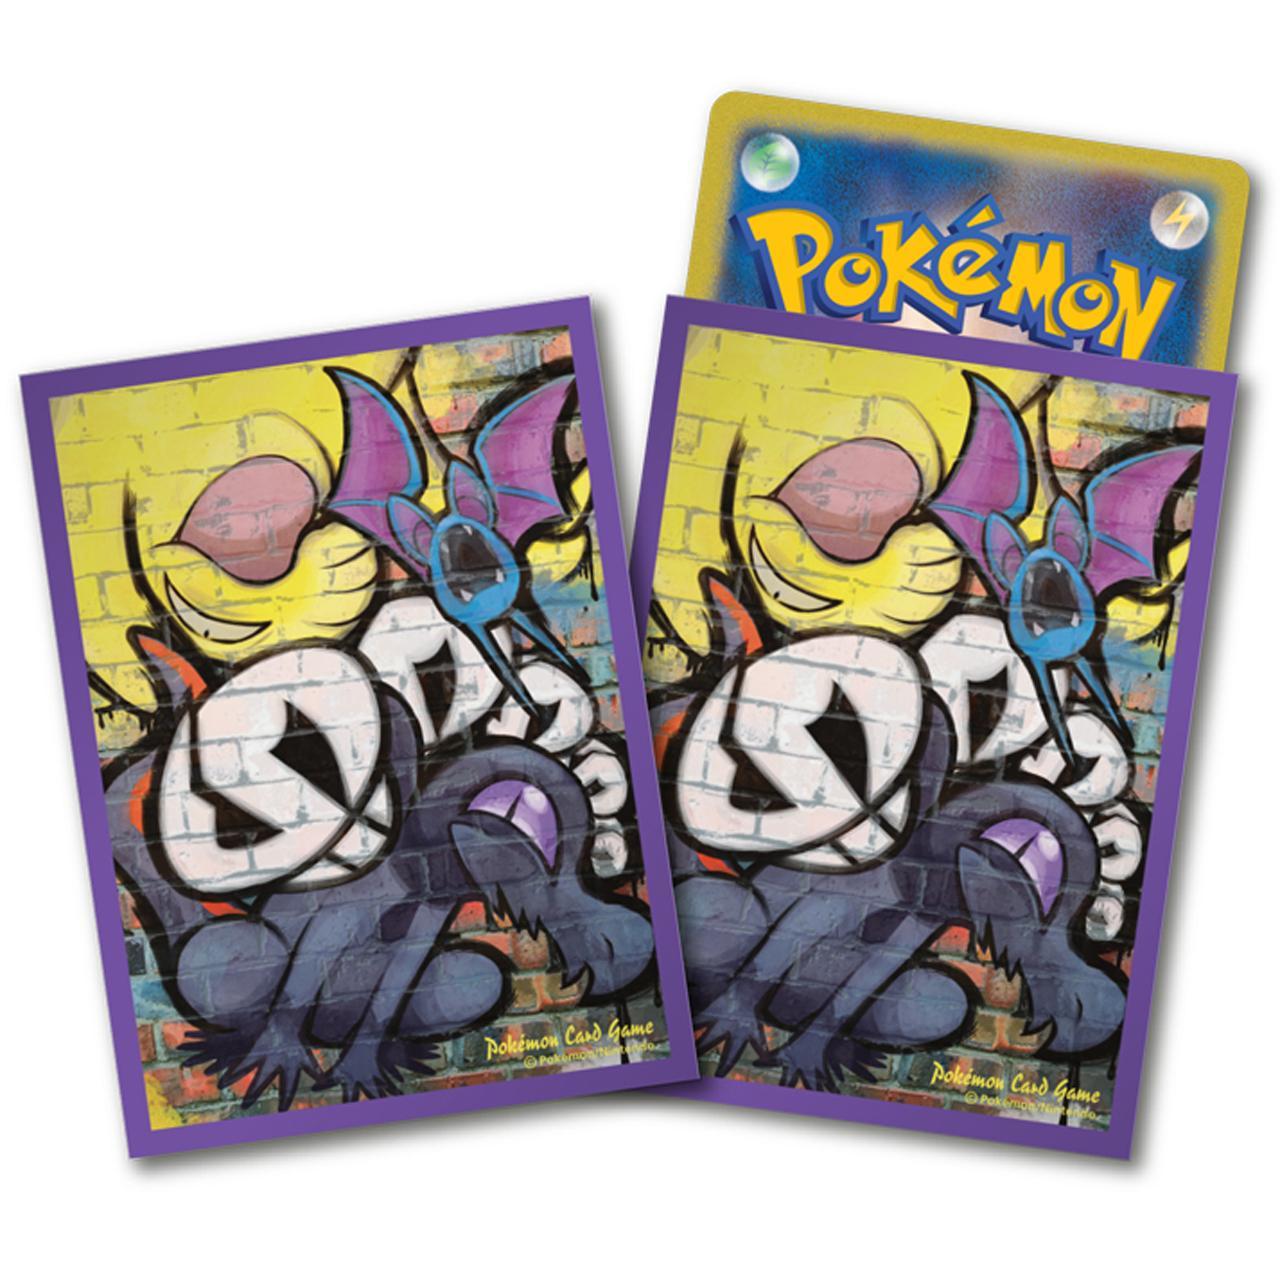 ポケモン カード デッキ シールド デッキシールド 商品情報 ポケモンカードゲーム公式ホームページ